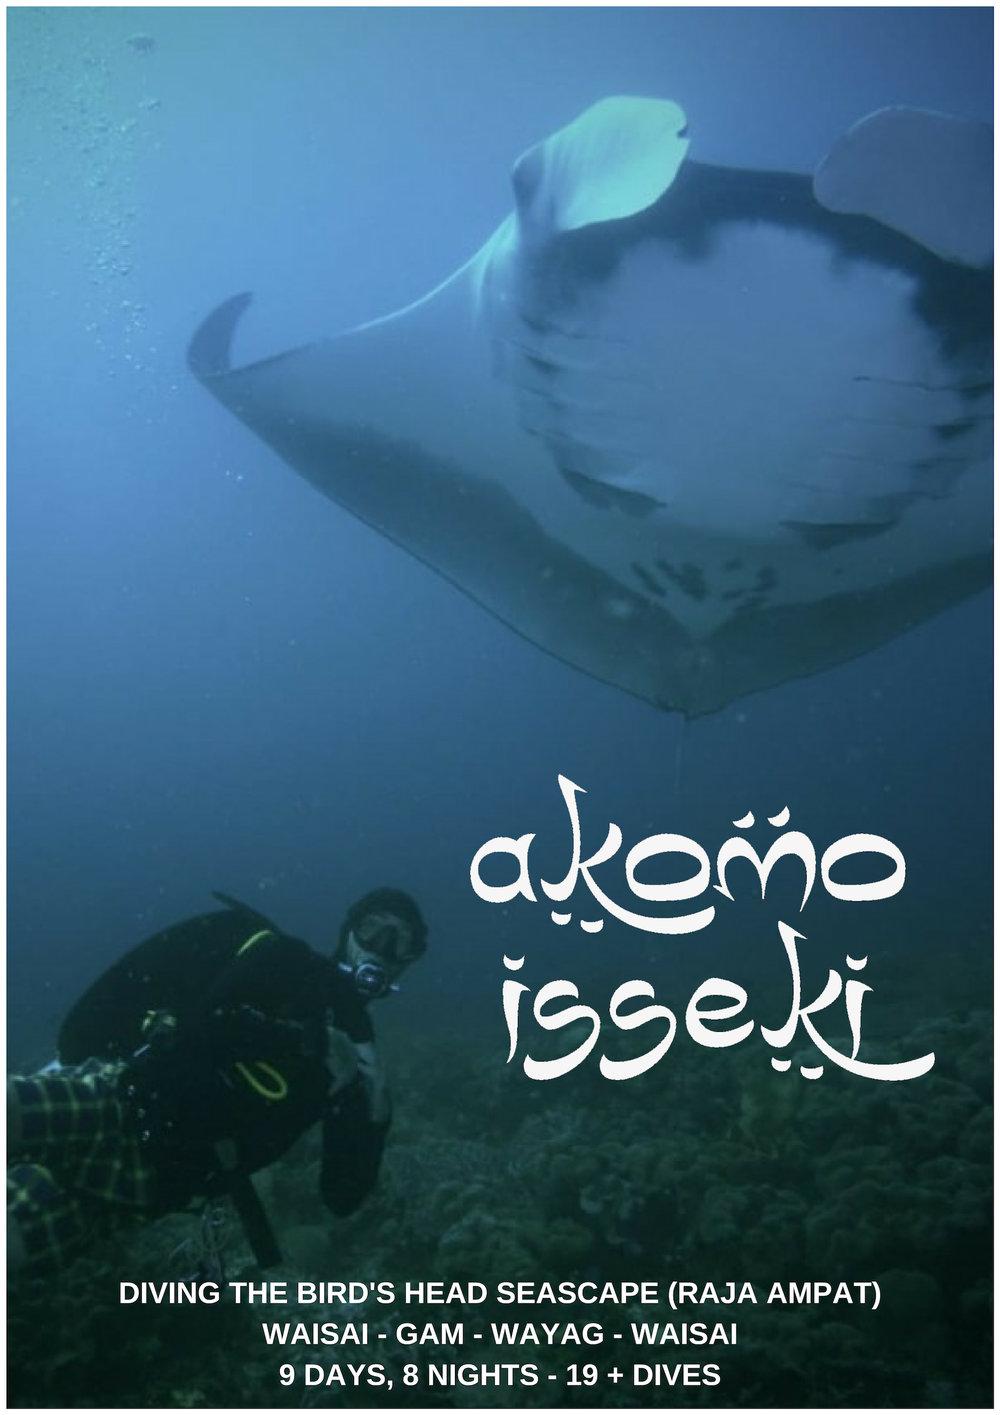 raja-ampat-islands-diving-indonesia.jpg